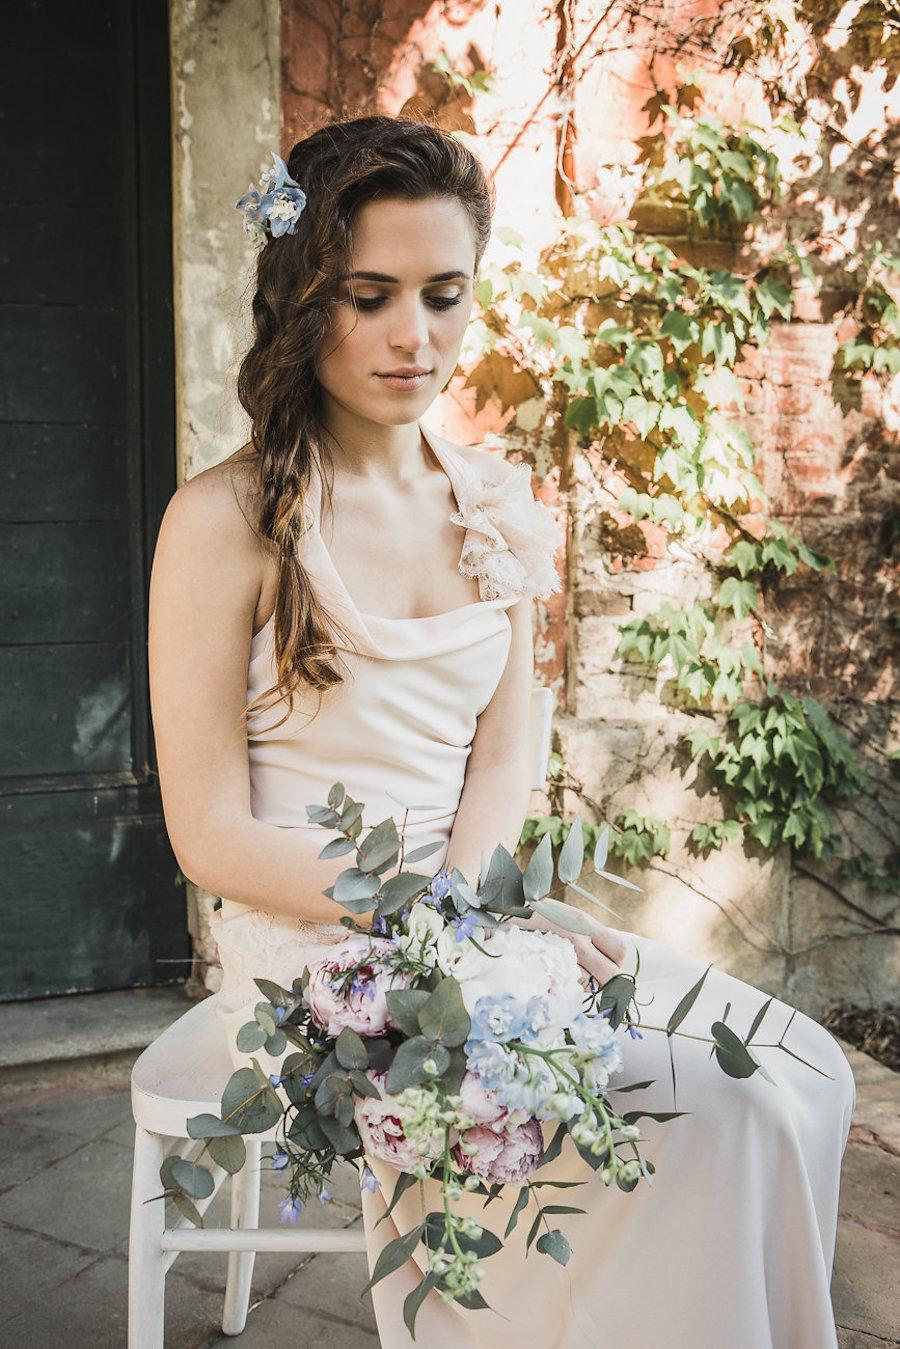 matrimonio-rose-quartz-e-serenity-di-luce-e-dombra-studio-fotografico-19